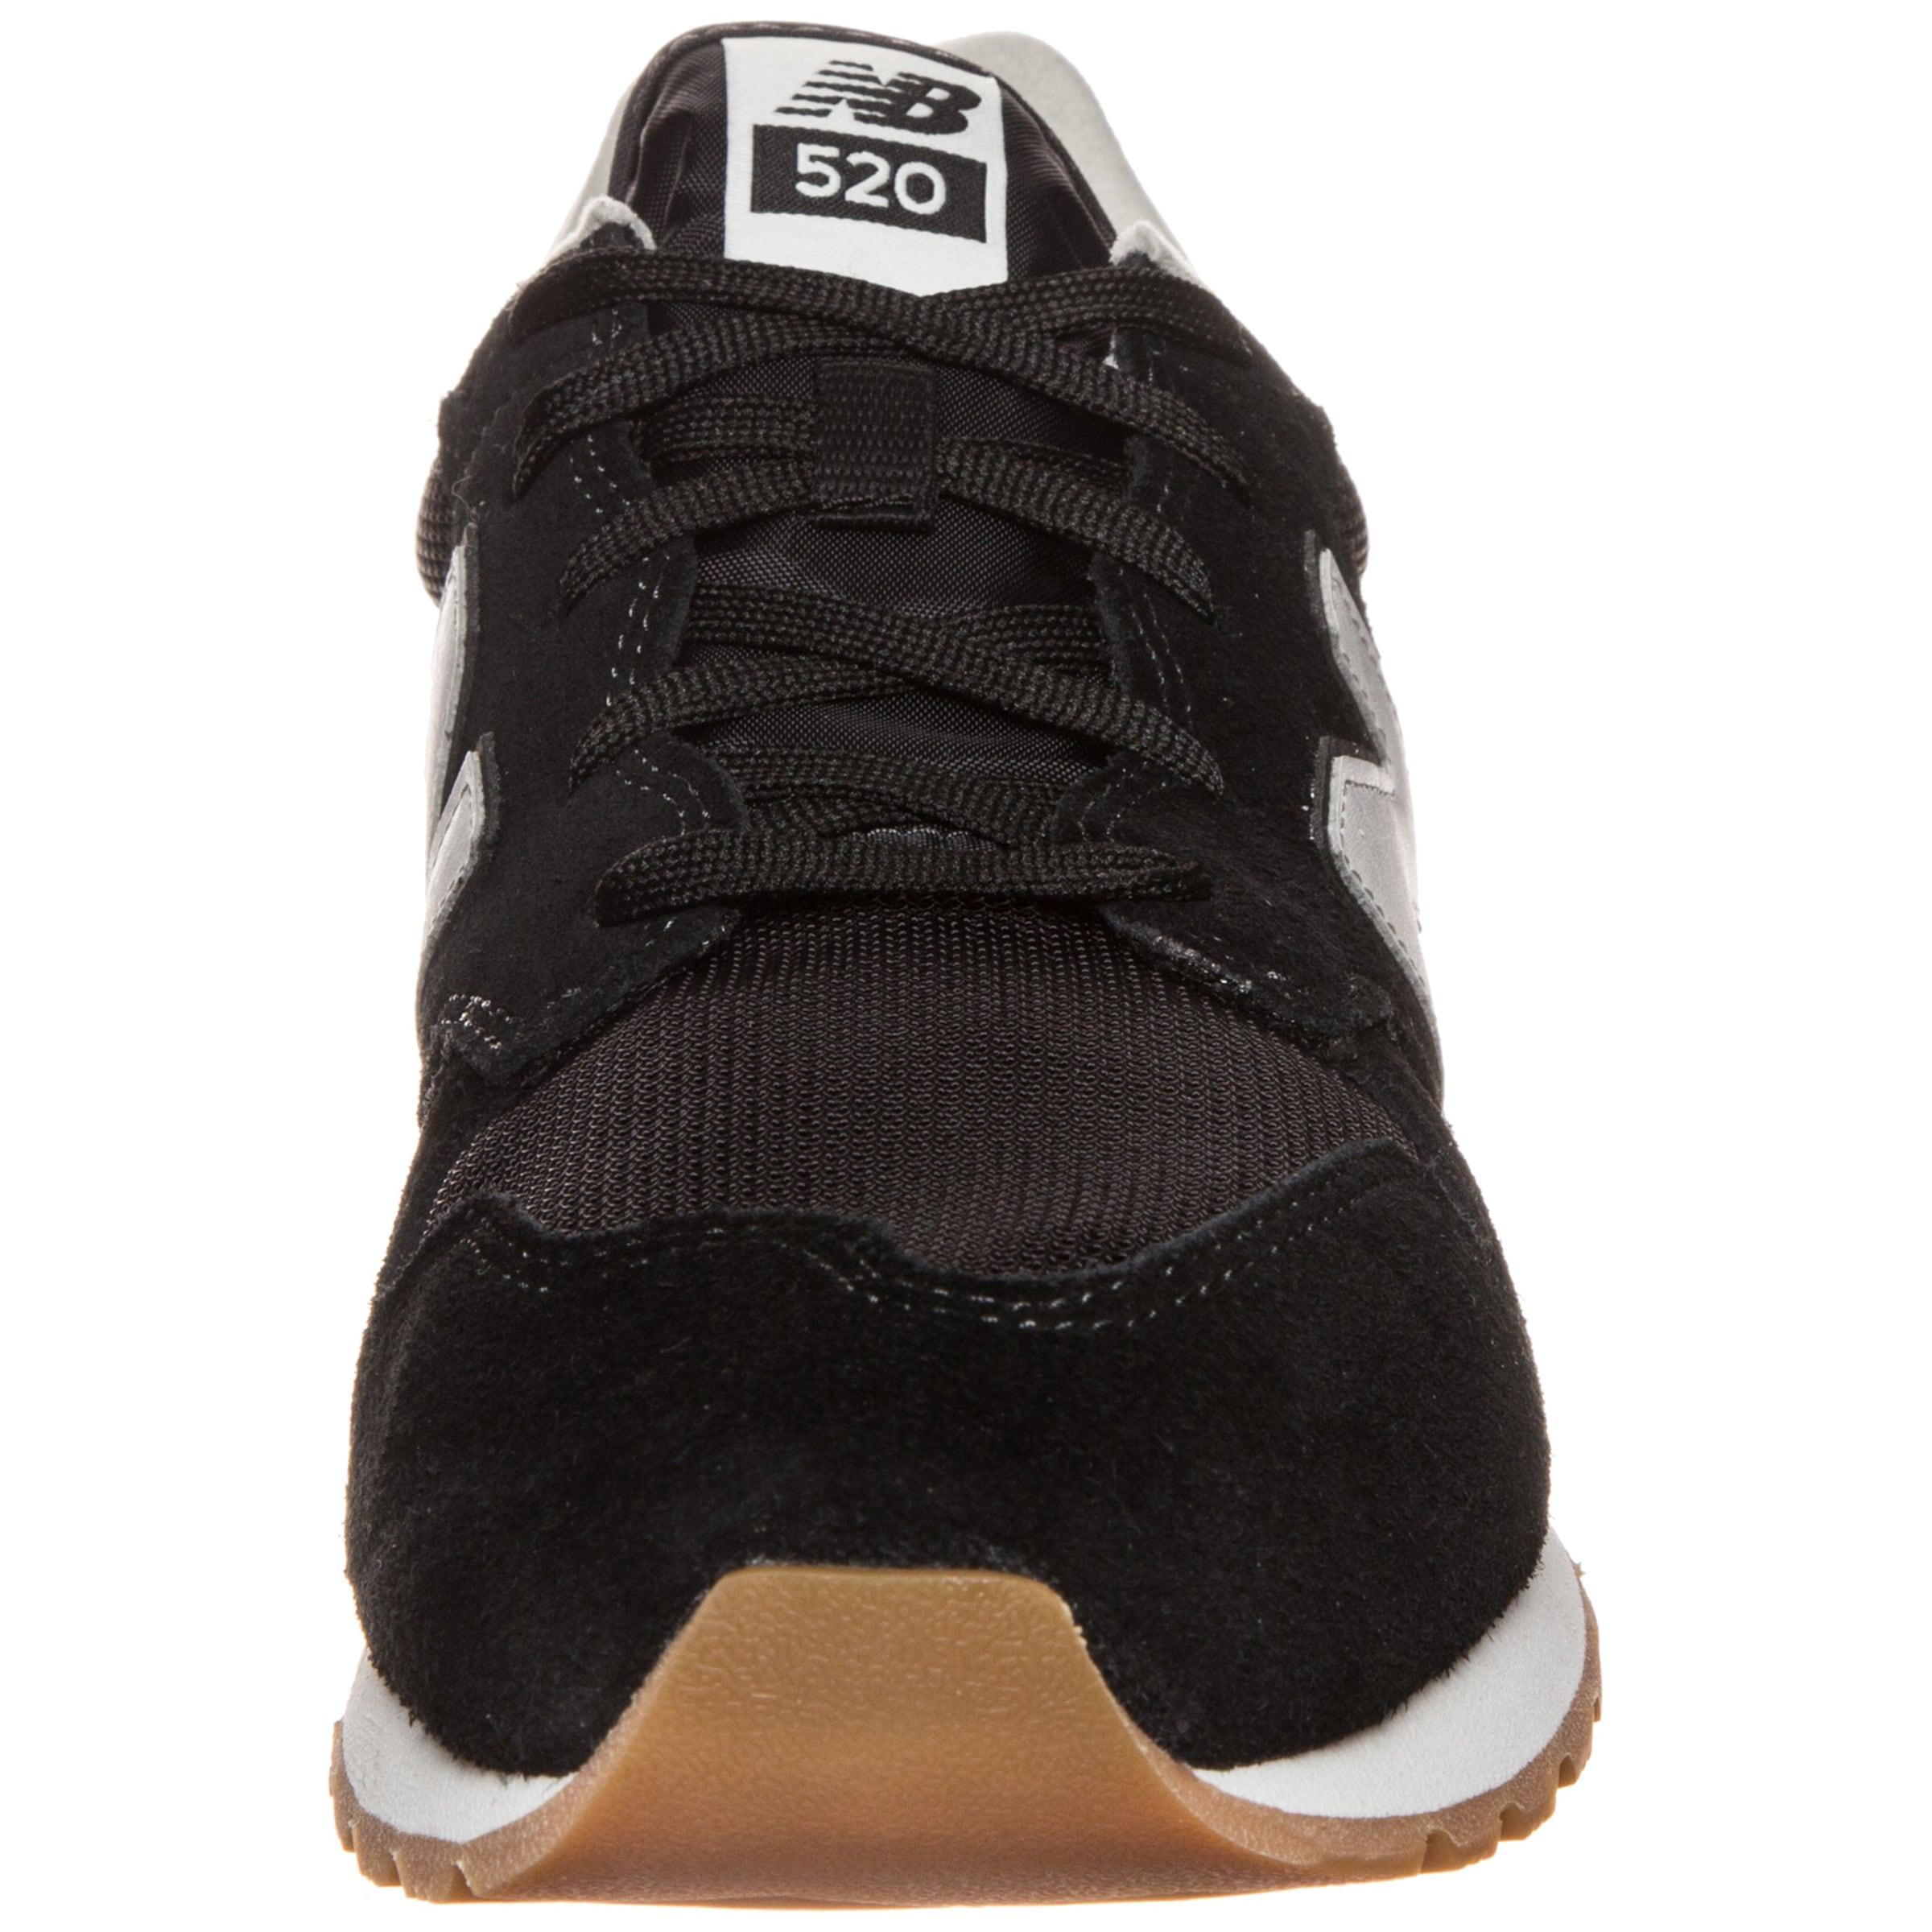 En ak Balance Noir Basses New 'u520 d' Baskets F3JlKT1c